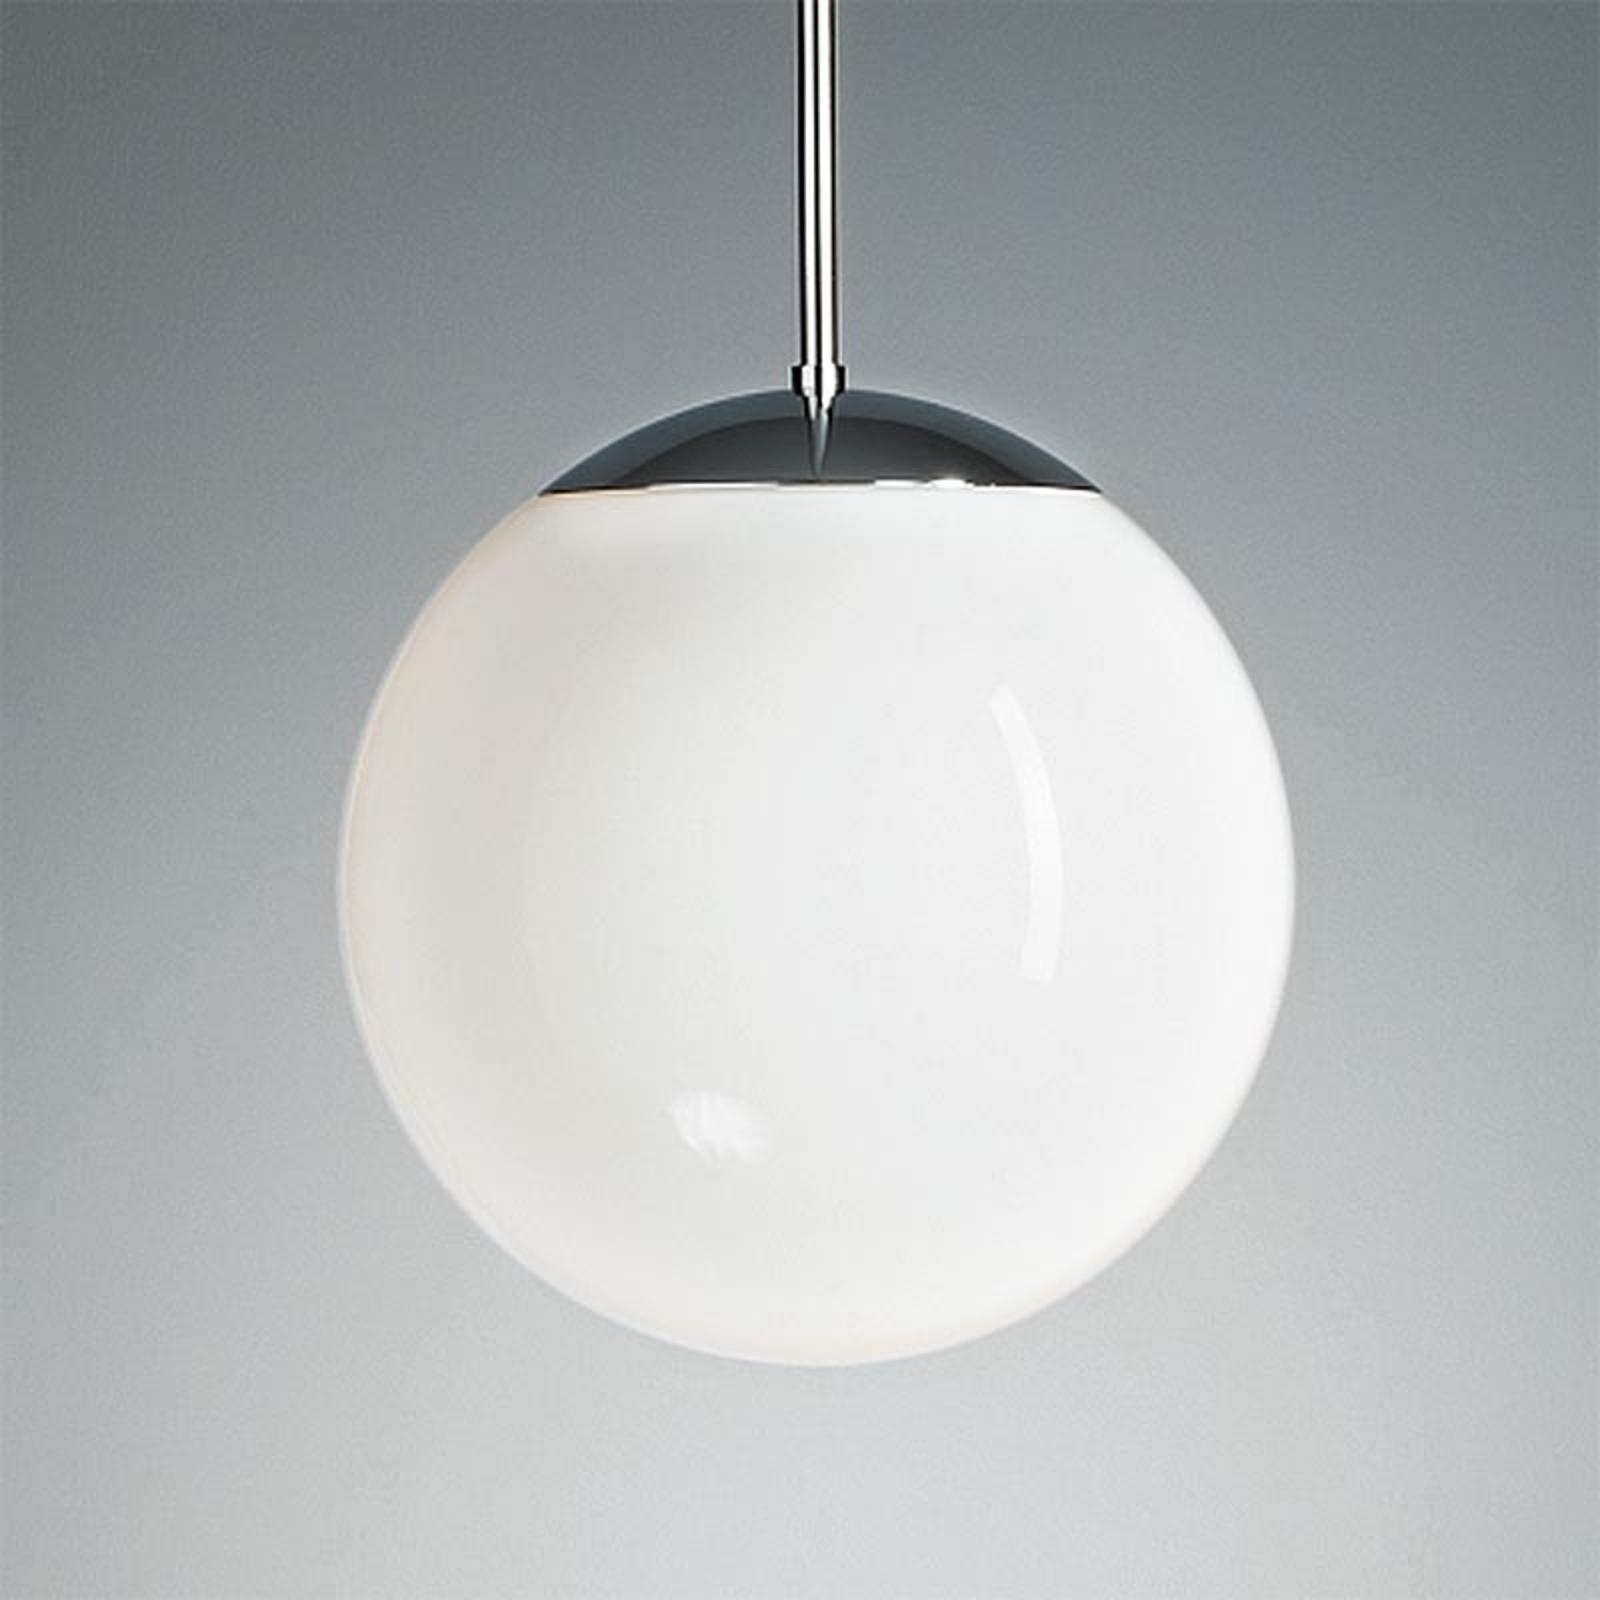 Pendellamp met opaalbol, 30 cm, chroom